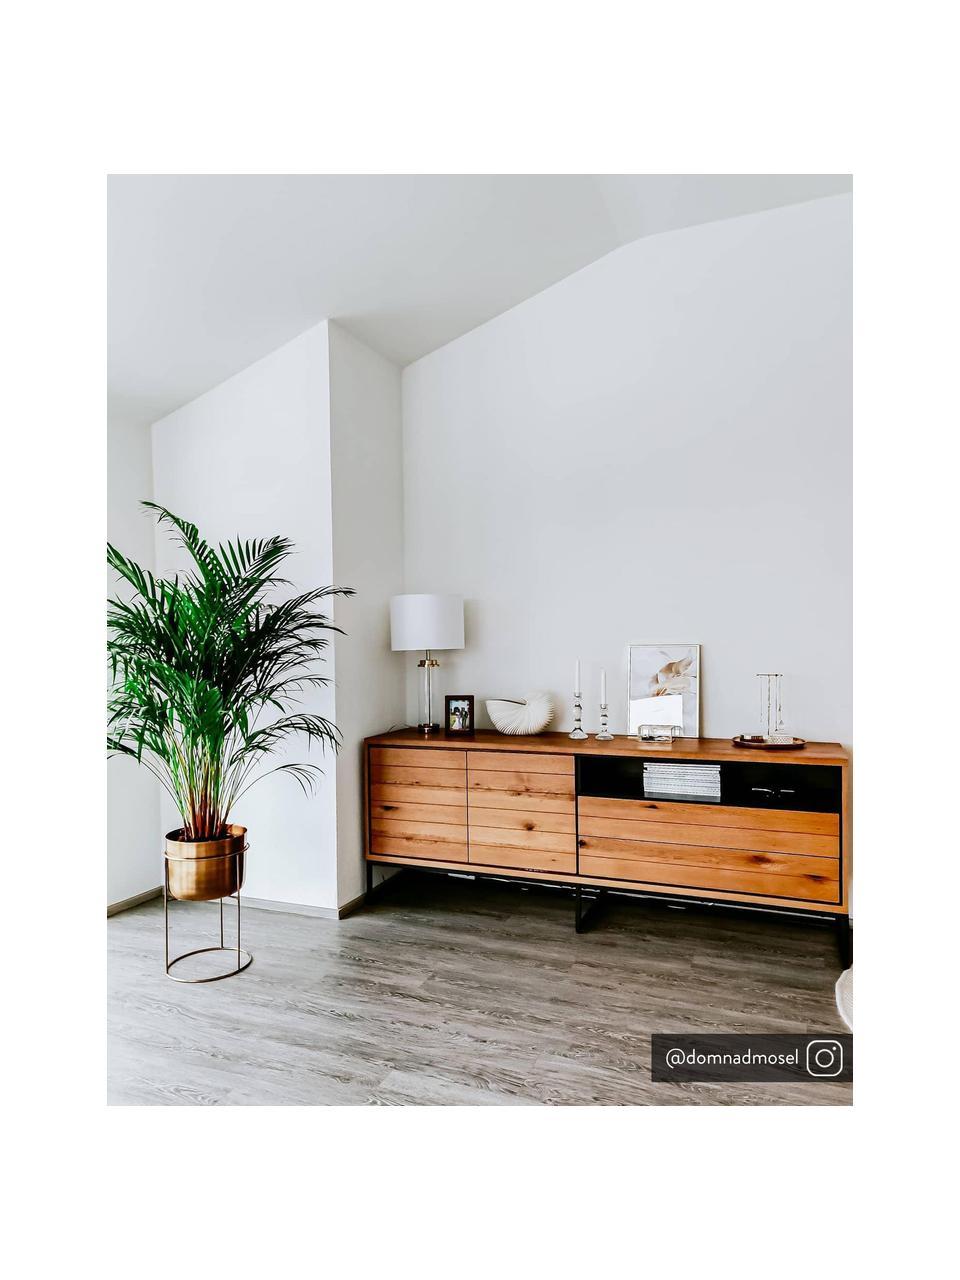 Sideboard Dalarna mit Türen und Eichenholzfurnier, Korpus: Mitteldichte Holzfaserpla, Wildeiche, Schwarz, 197 x 76 cm